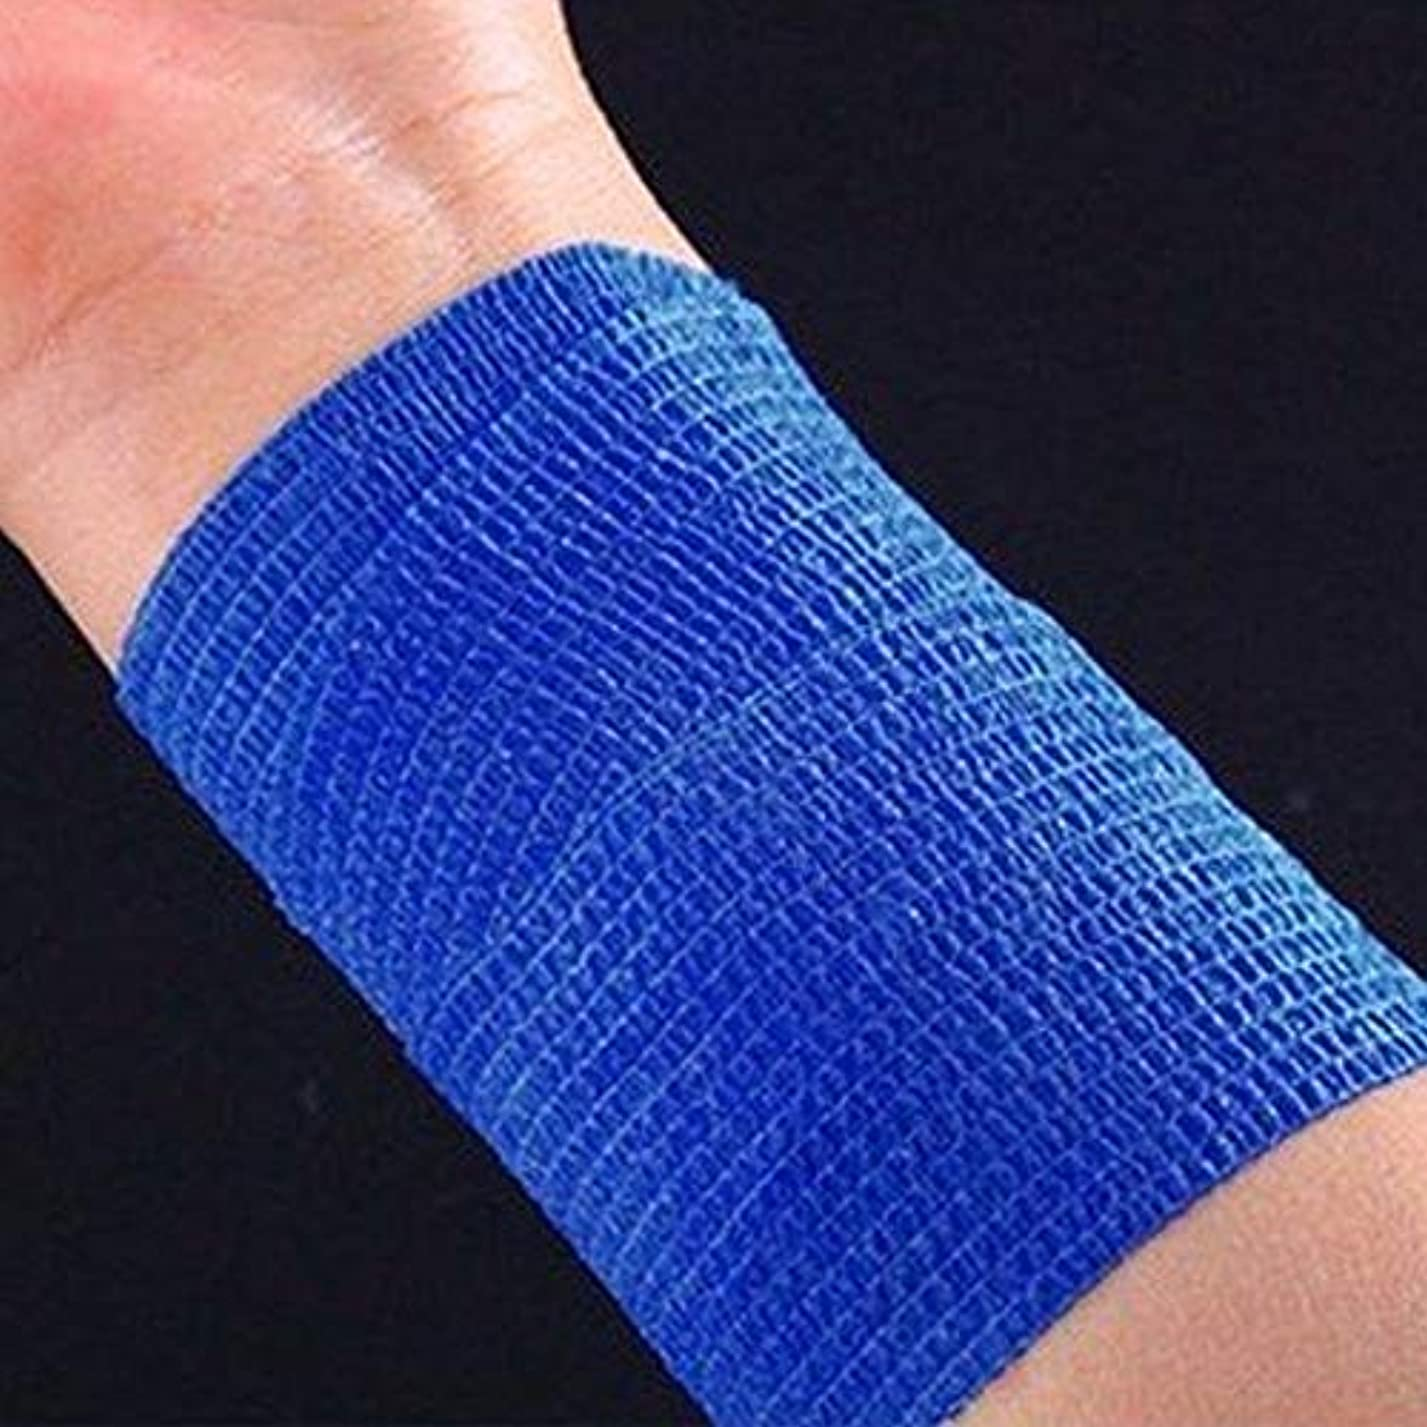 学習図通路Pichidr-JP 自己接着包帯足首の捻挫、腫れや手首のための2インチの便利な弾性包帯